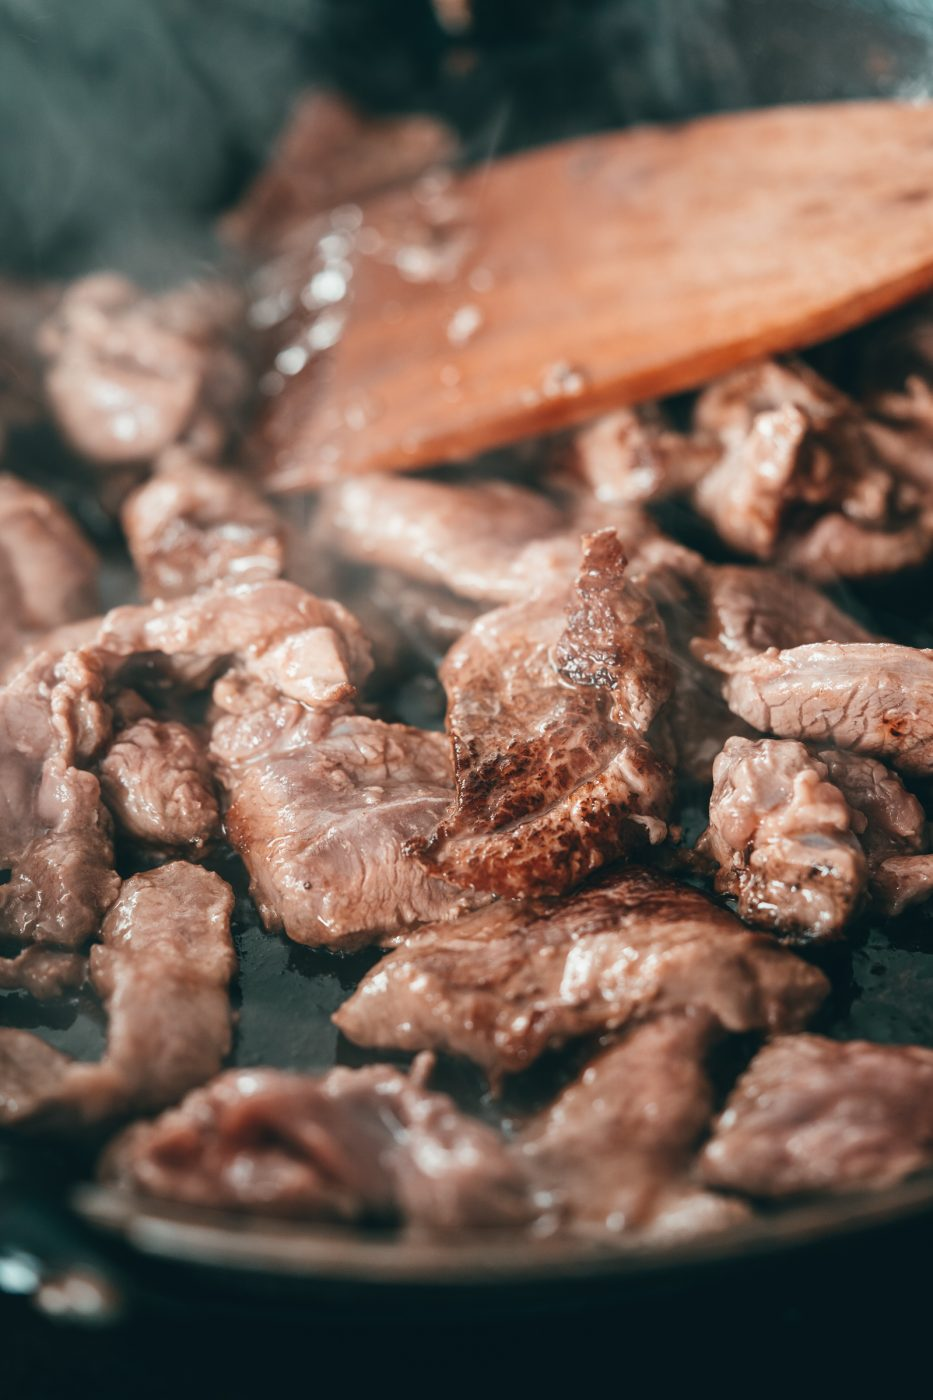 Lammgeschnetzeltes 3 | Wir haben euch ja schon von unserer tollen Erfahrung mit Vikingyr hier bei uns berichtet. Nicht mit Wikingern, sonder mit isländischem Lammfleisch. Was genau es mit diesem wirklich tollen Fleisch zu tun hat, das könnt ihr gerne noch einmal in unserem Beitrag darüber nachlesen. Aber heute geht es um ein neues Rezept, das wir aus diesem zarten und so saftigen Fleisch zubereitet haben. Wie wäre es mit einem orientalischem Lammgeschnetzelten?!